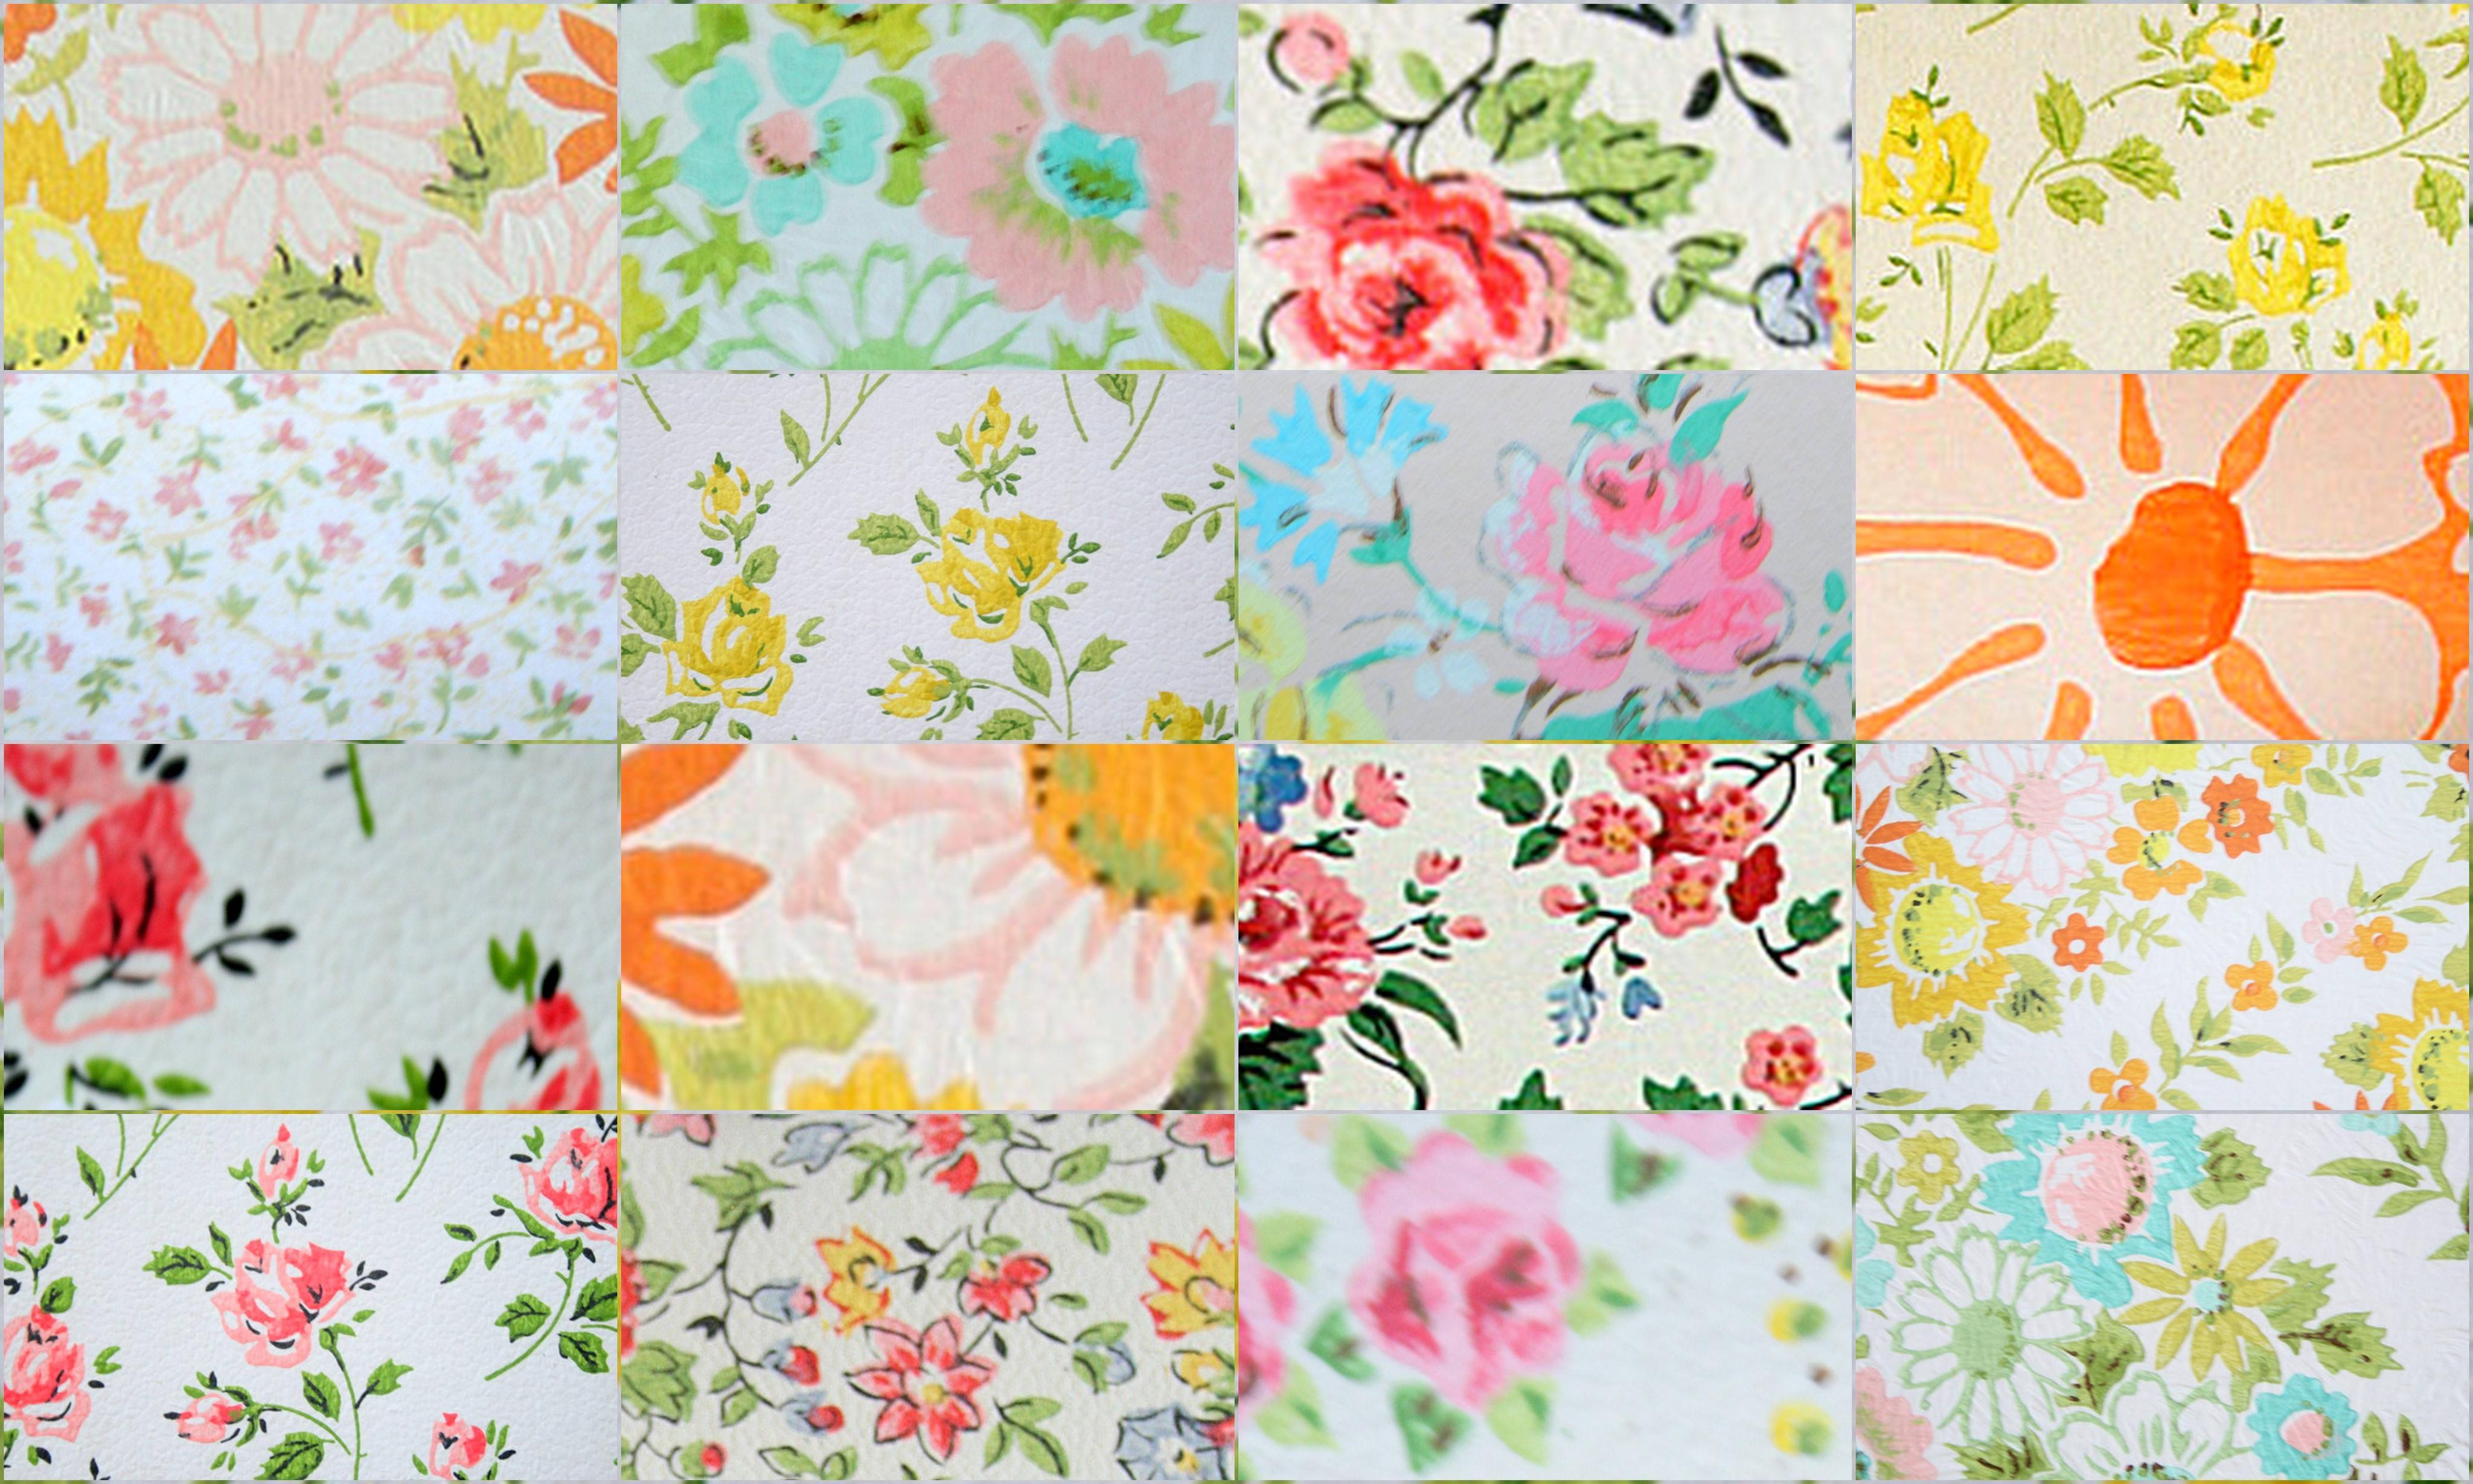 Vintage Desktop Backgrounds Spring - HD Wallpaper